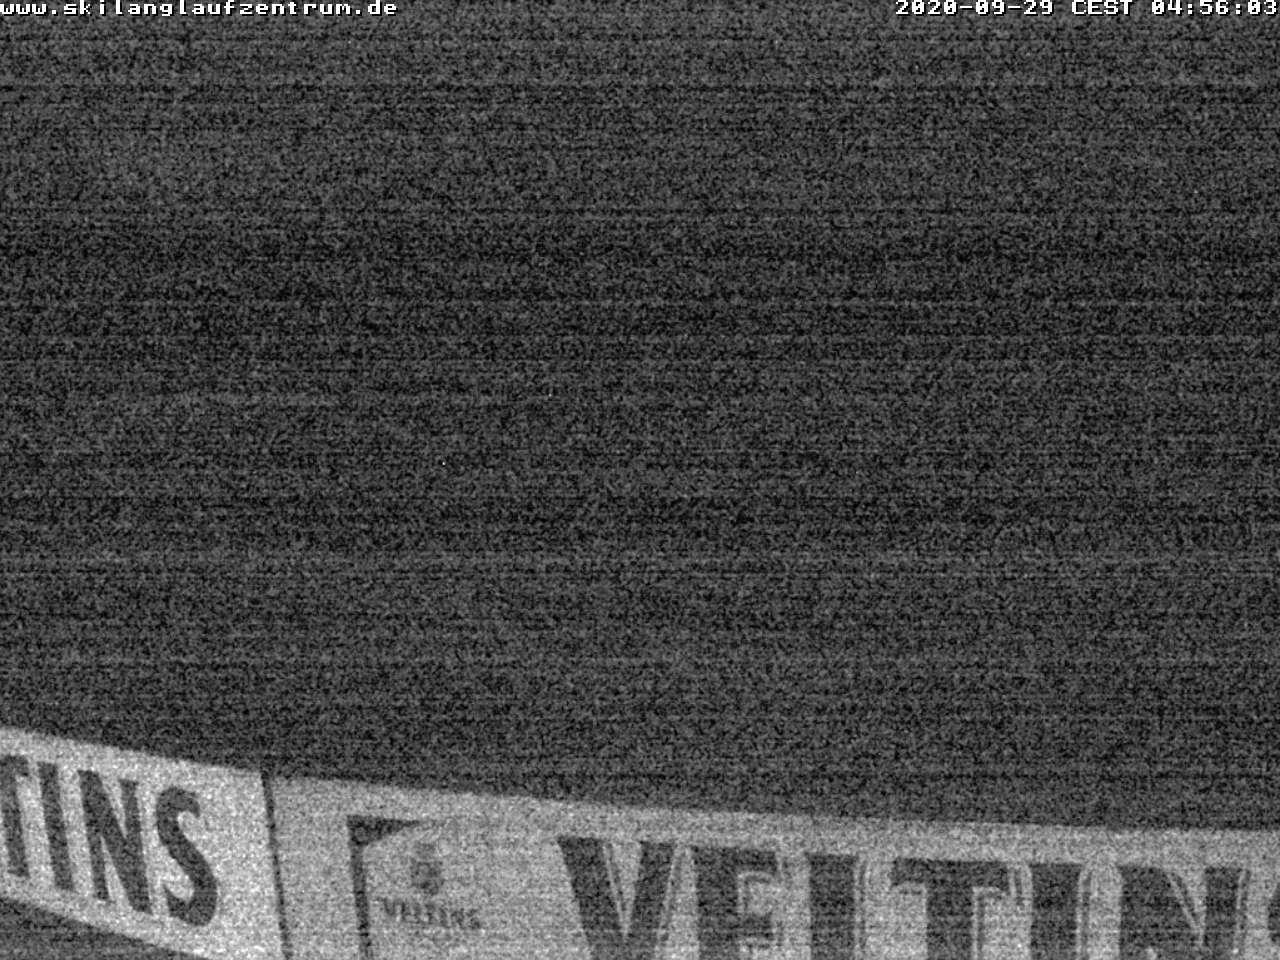 Skilanglaufzentrum Westfeld/Ohlenbach - Webcam 1